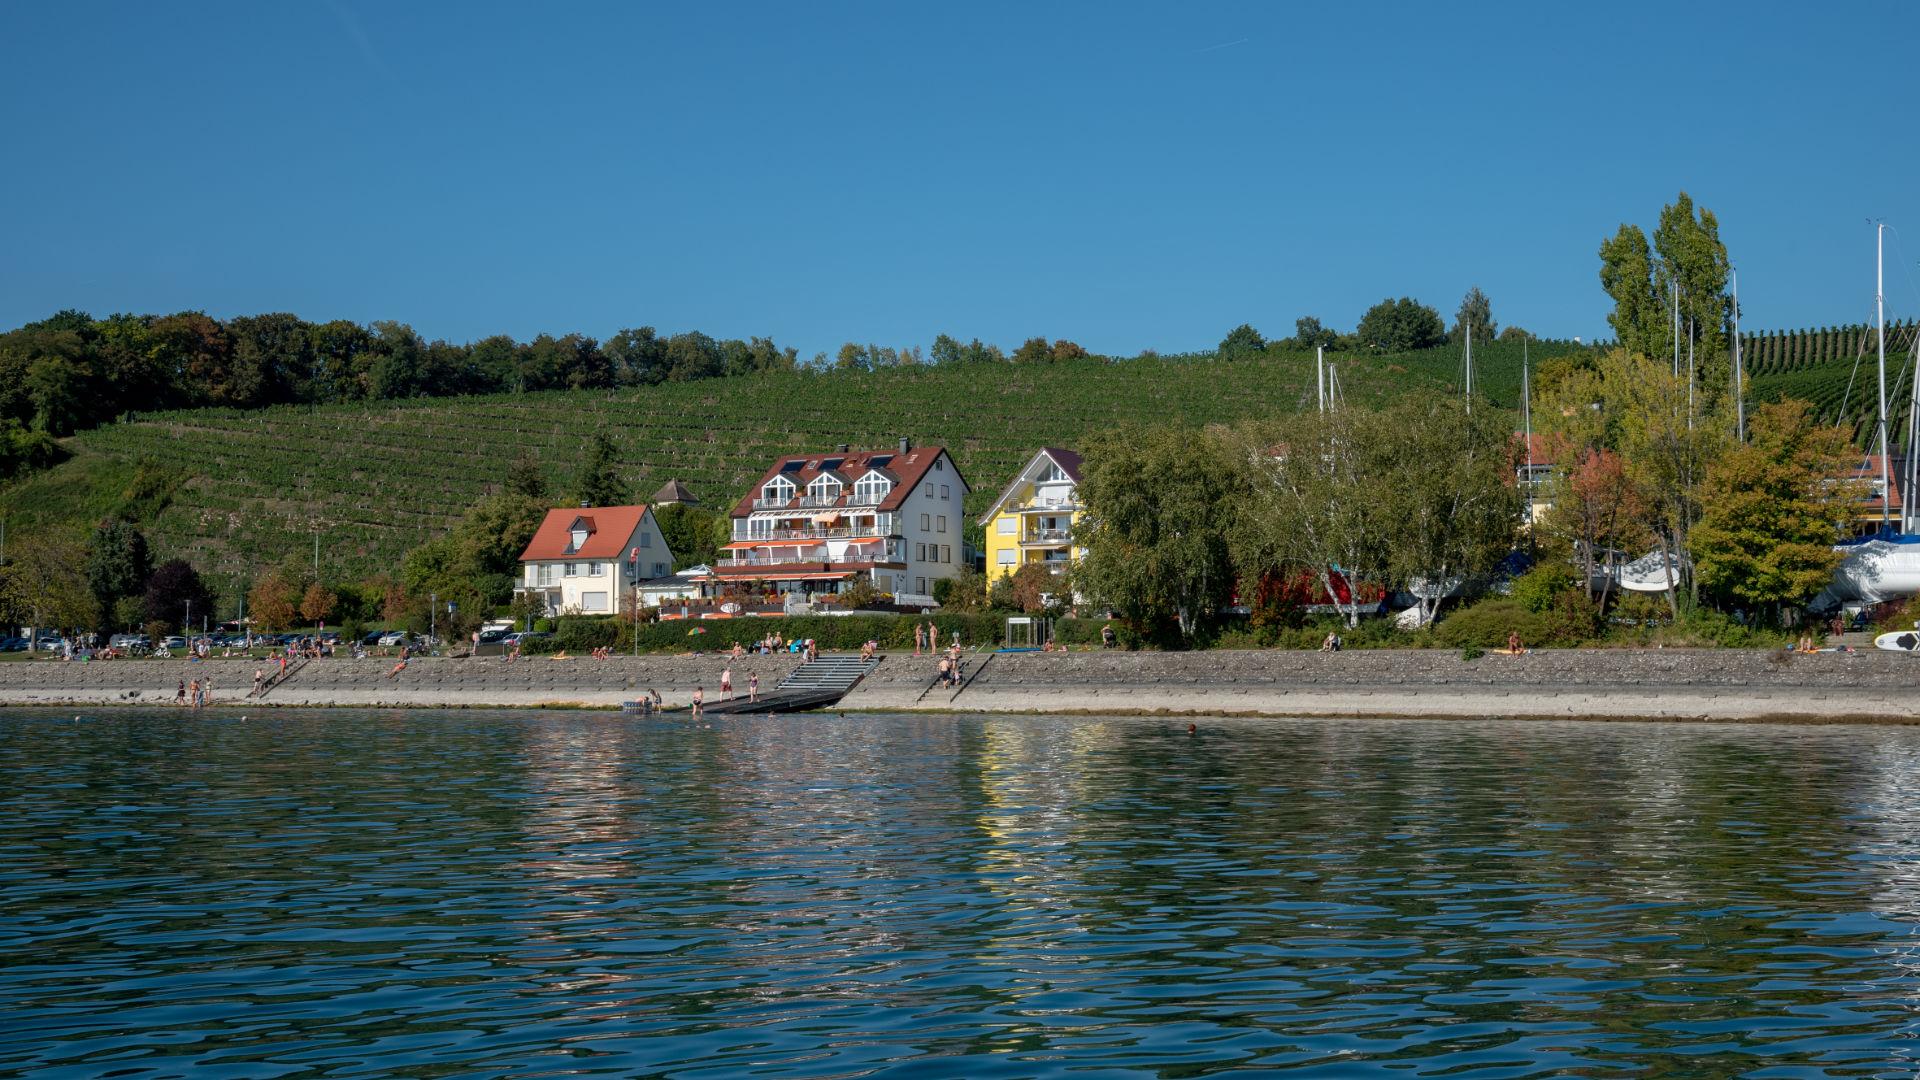 Blick auf See Hotel vom Bodensee